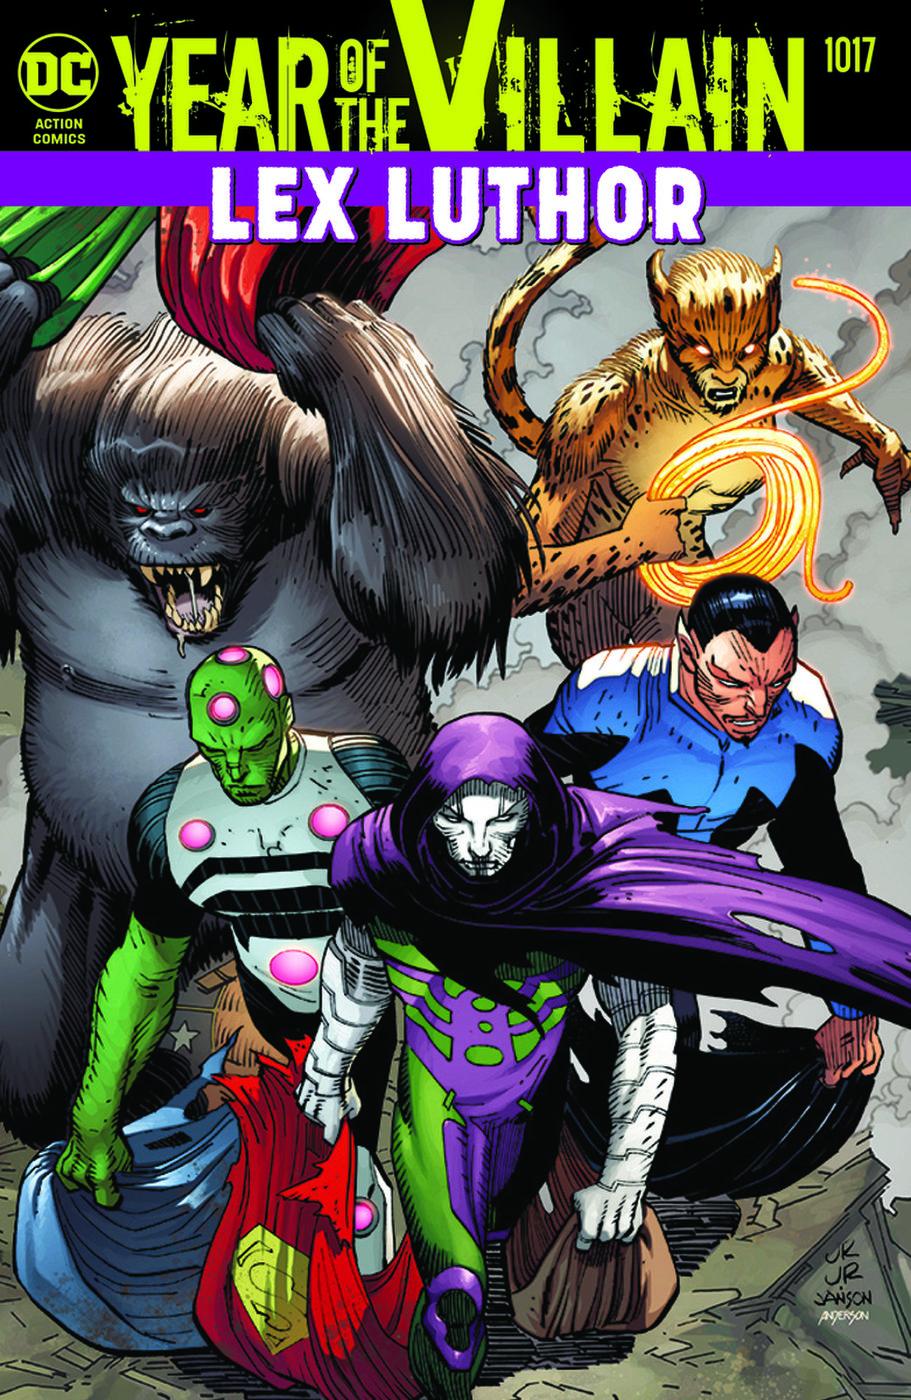 Action Comics Vol 1 1017 Solicit.jpg